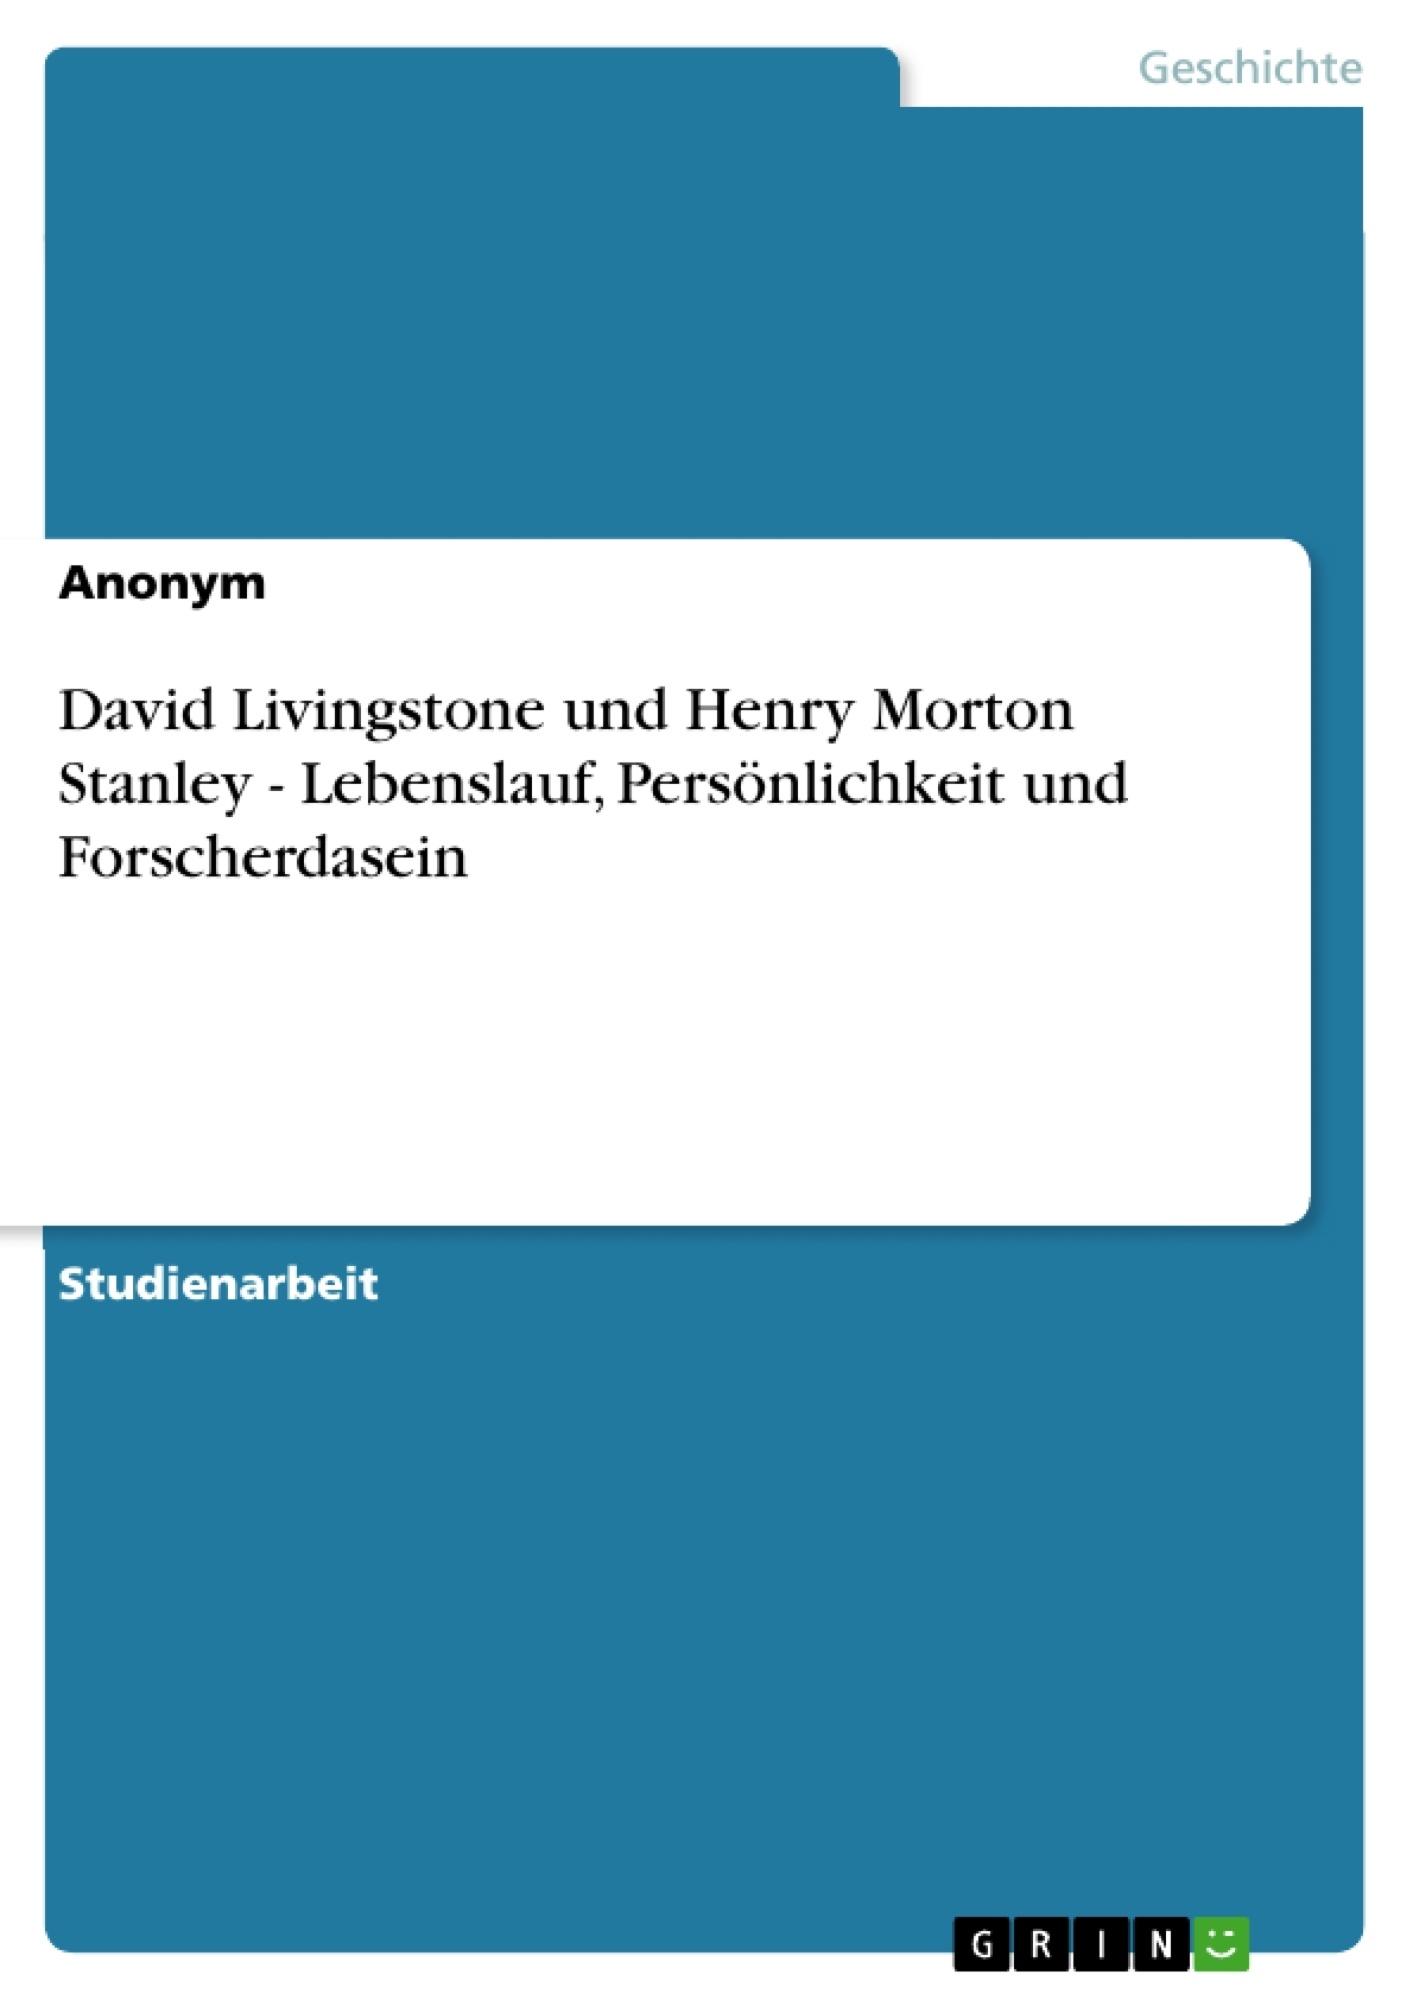 Titel: David Livingstone und Henry Morton Stanley - Lebenslauf, Persönlichkeit und Forscherdasein